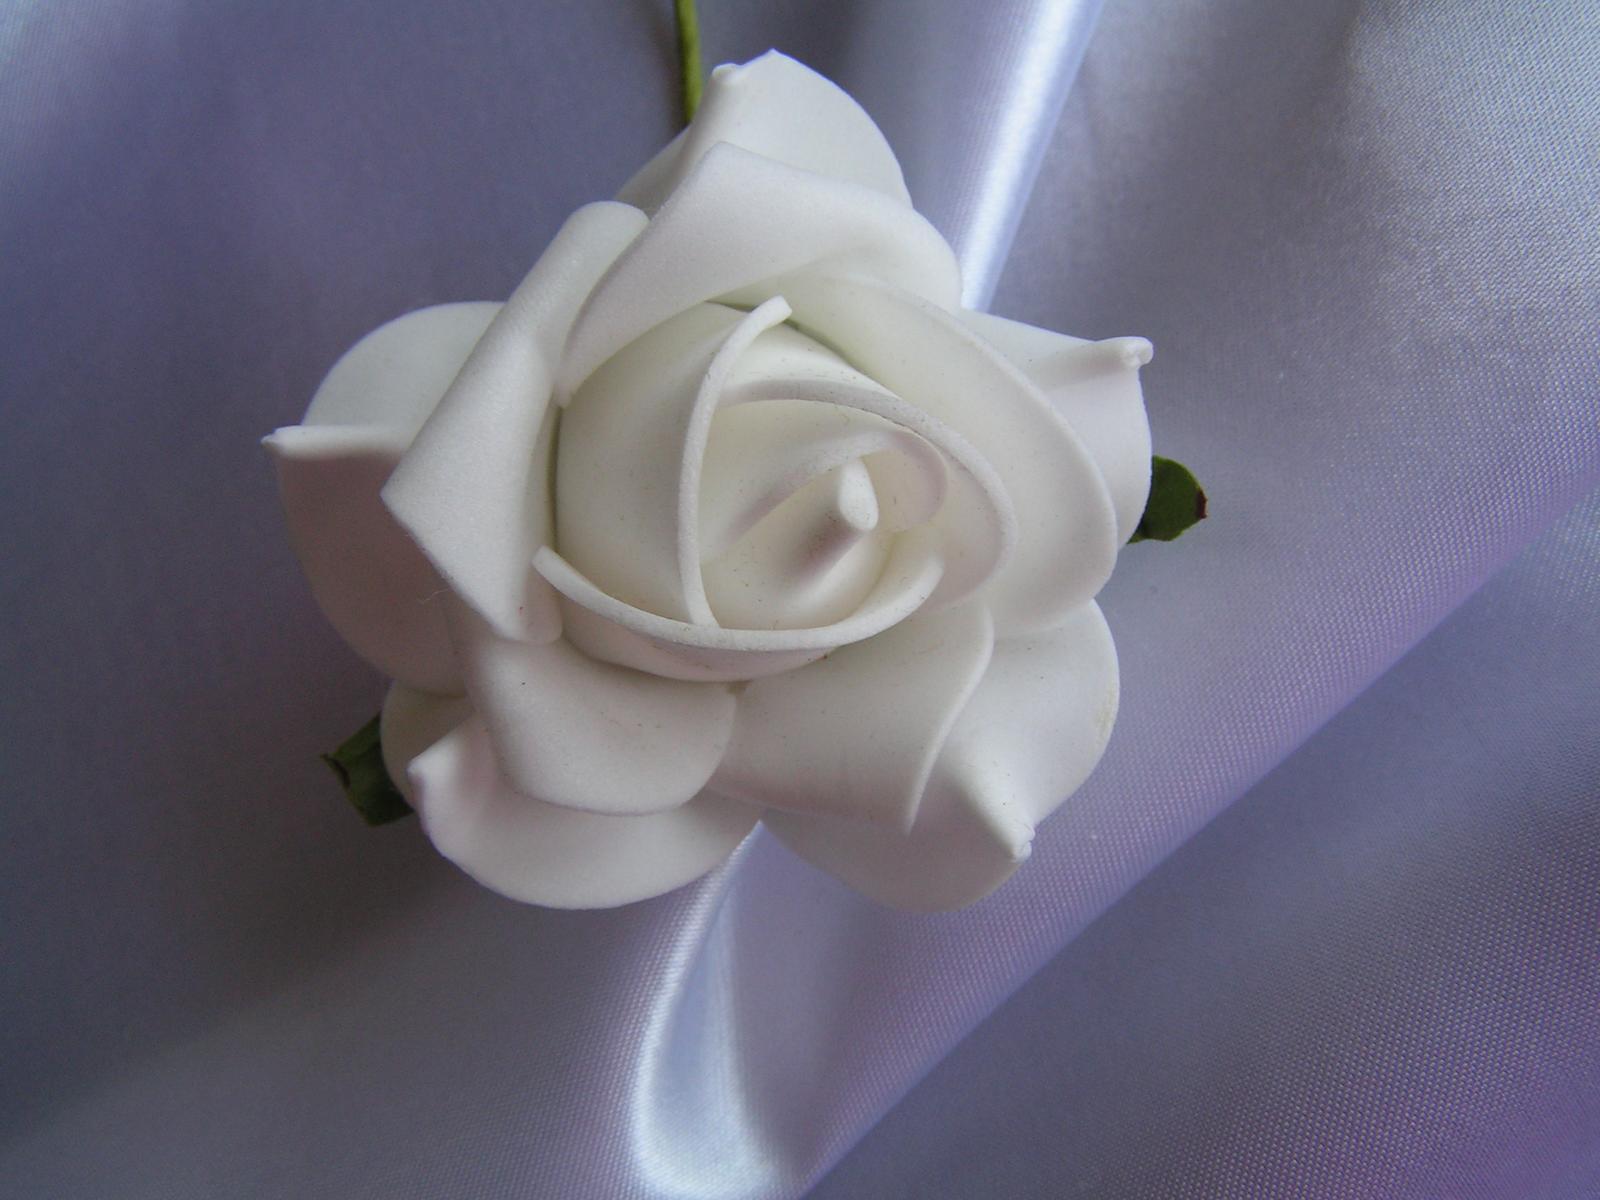 Bílé pěnové růže - 8 cm - Obrázek č. 1